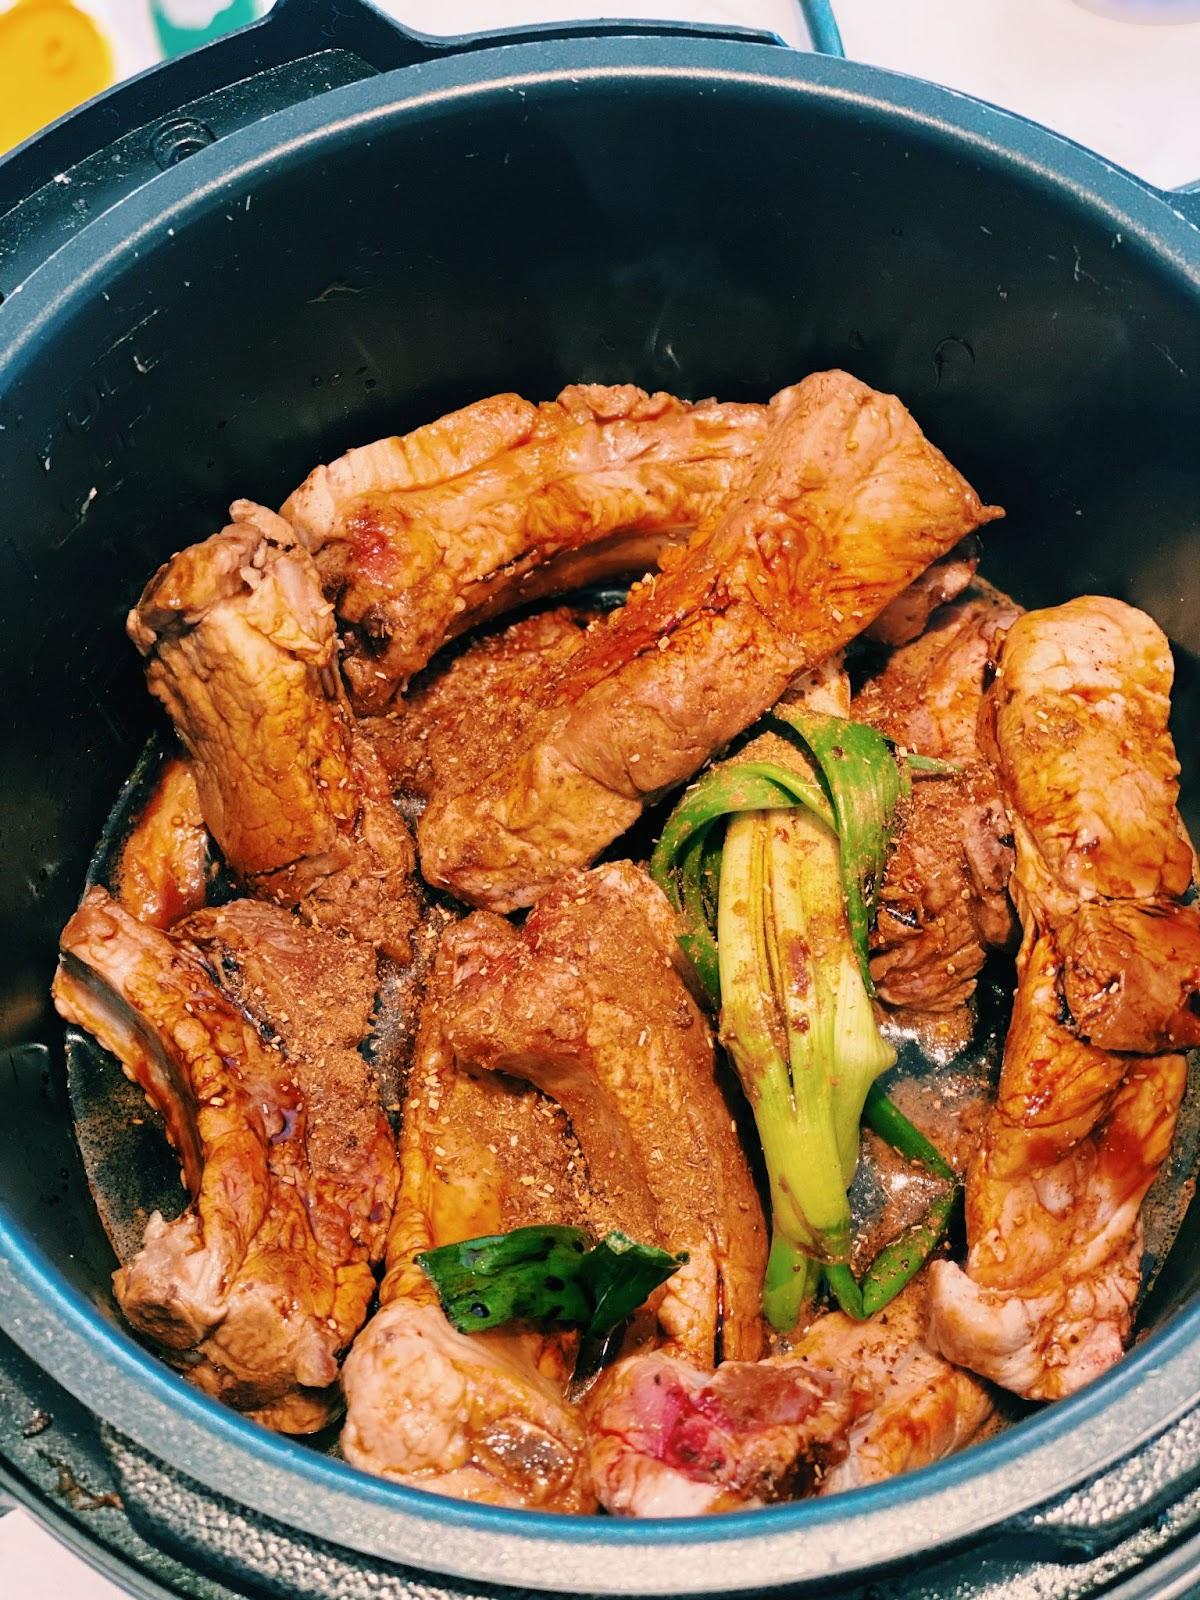 Easy Asian Instant Pot Recipes